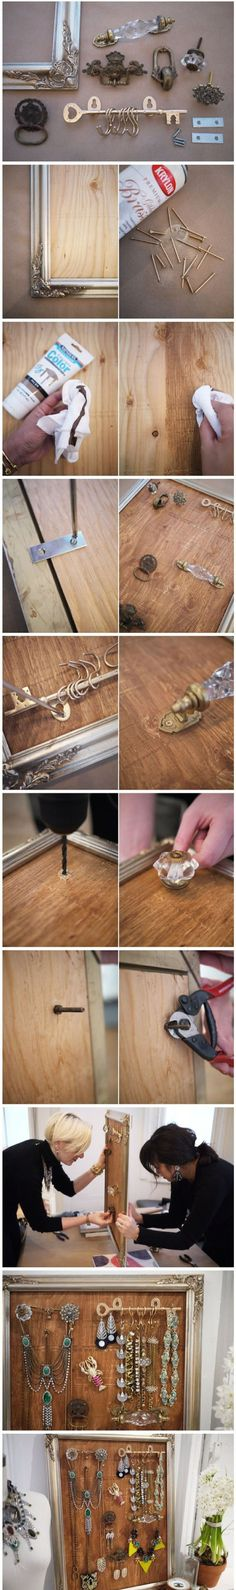 Ομορφη κατασκευή για τα κοσμήματα | MeaColpa